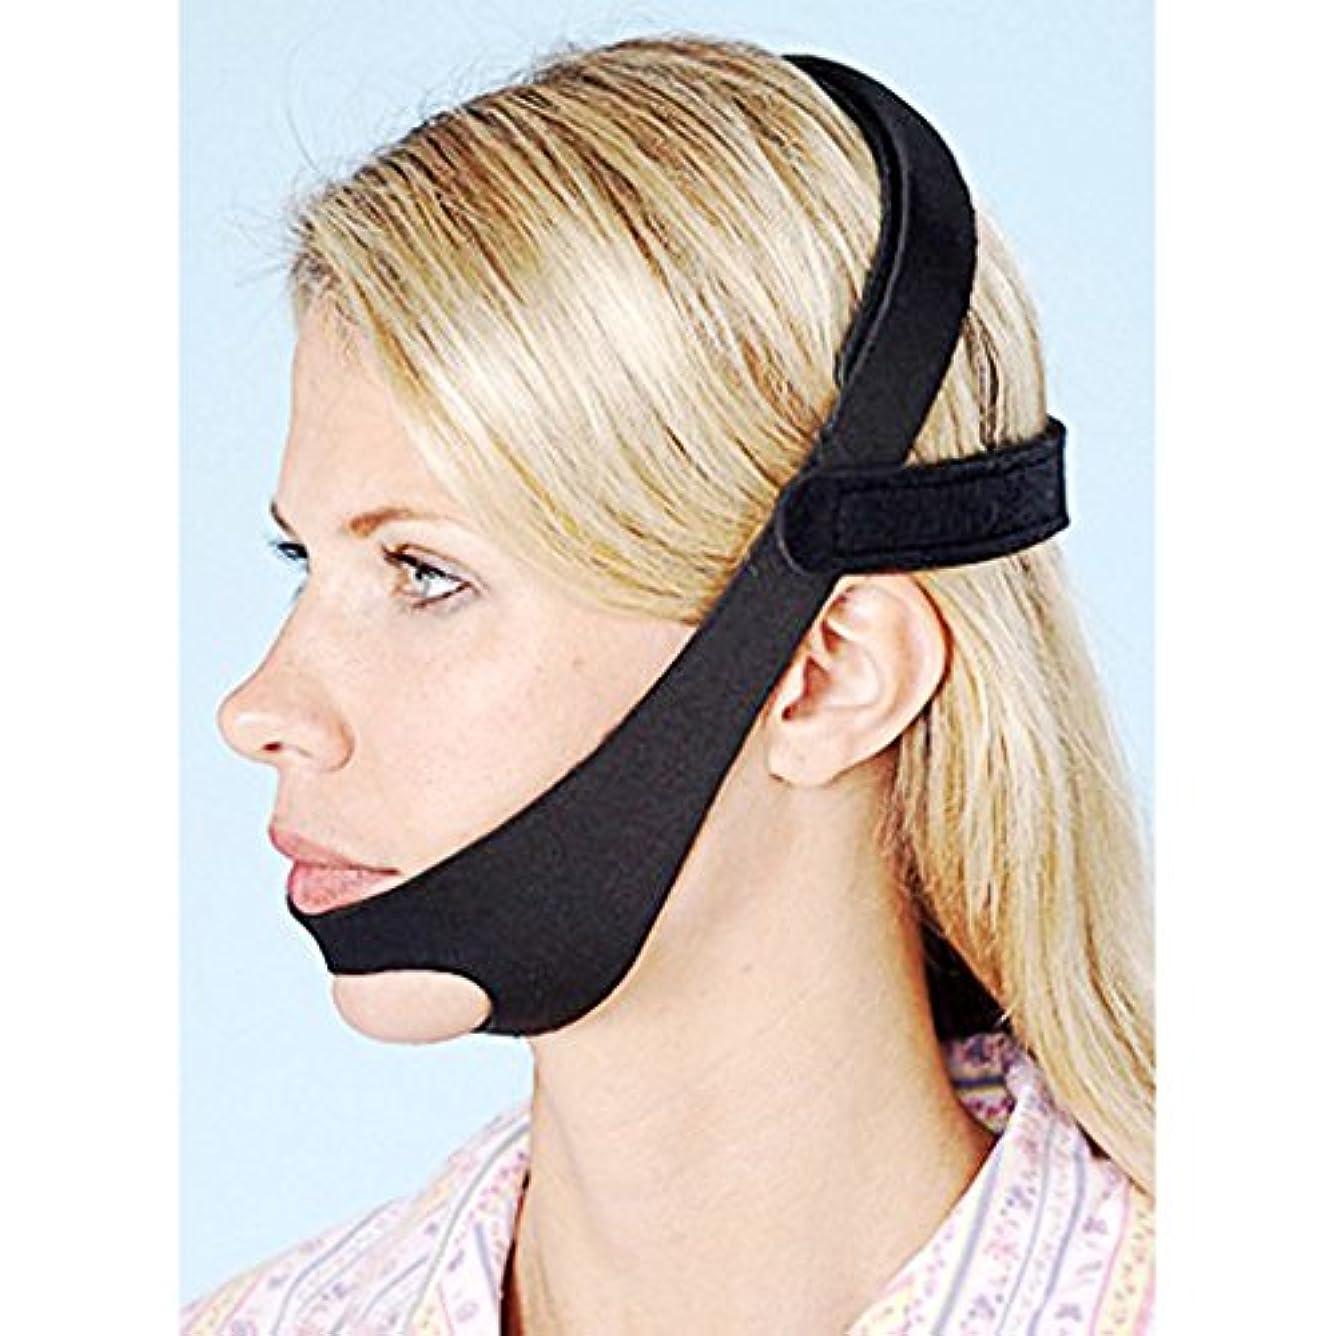 欲しいですしたい社会主義者DH 2018新しくいびき予防|調整可能なアンチSnoringチンストラップは、男性と女性のためにいびきのいびきSnore Relief Jaw Support Stop Snoring Solution DAHAN